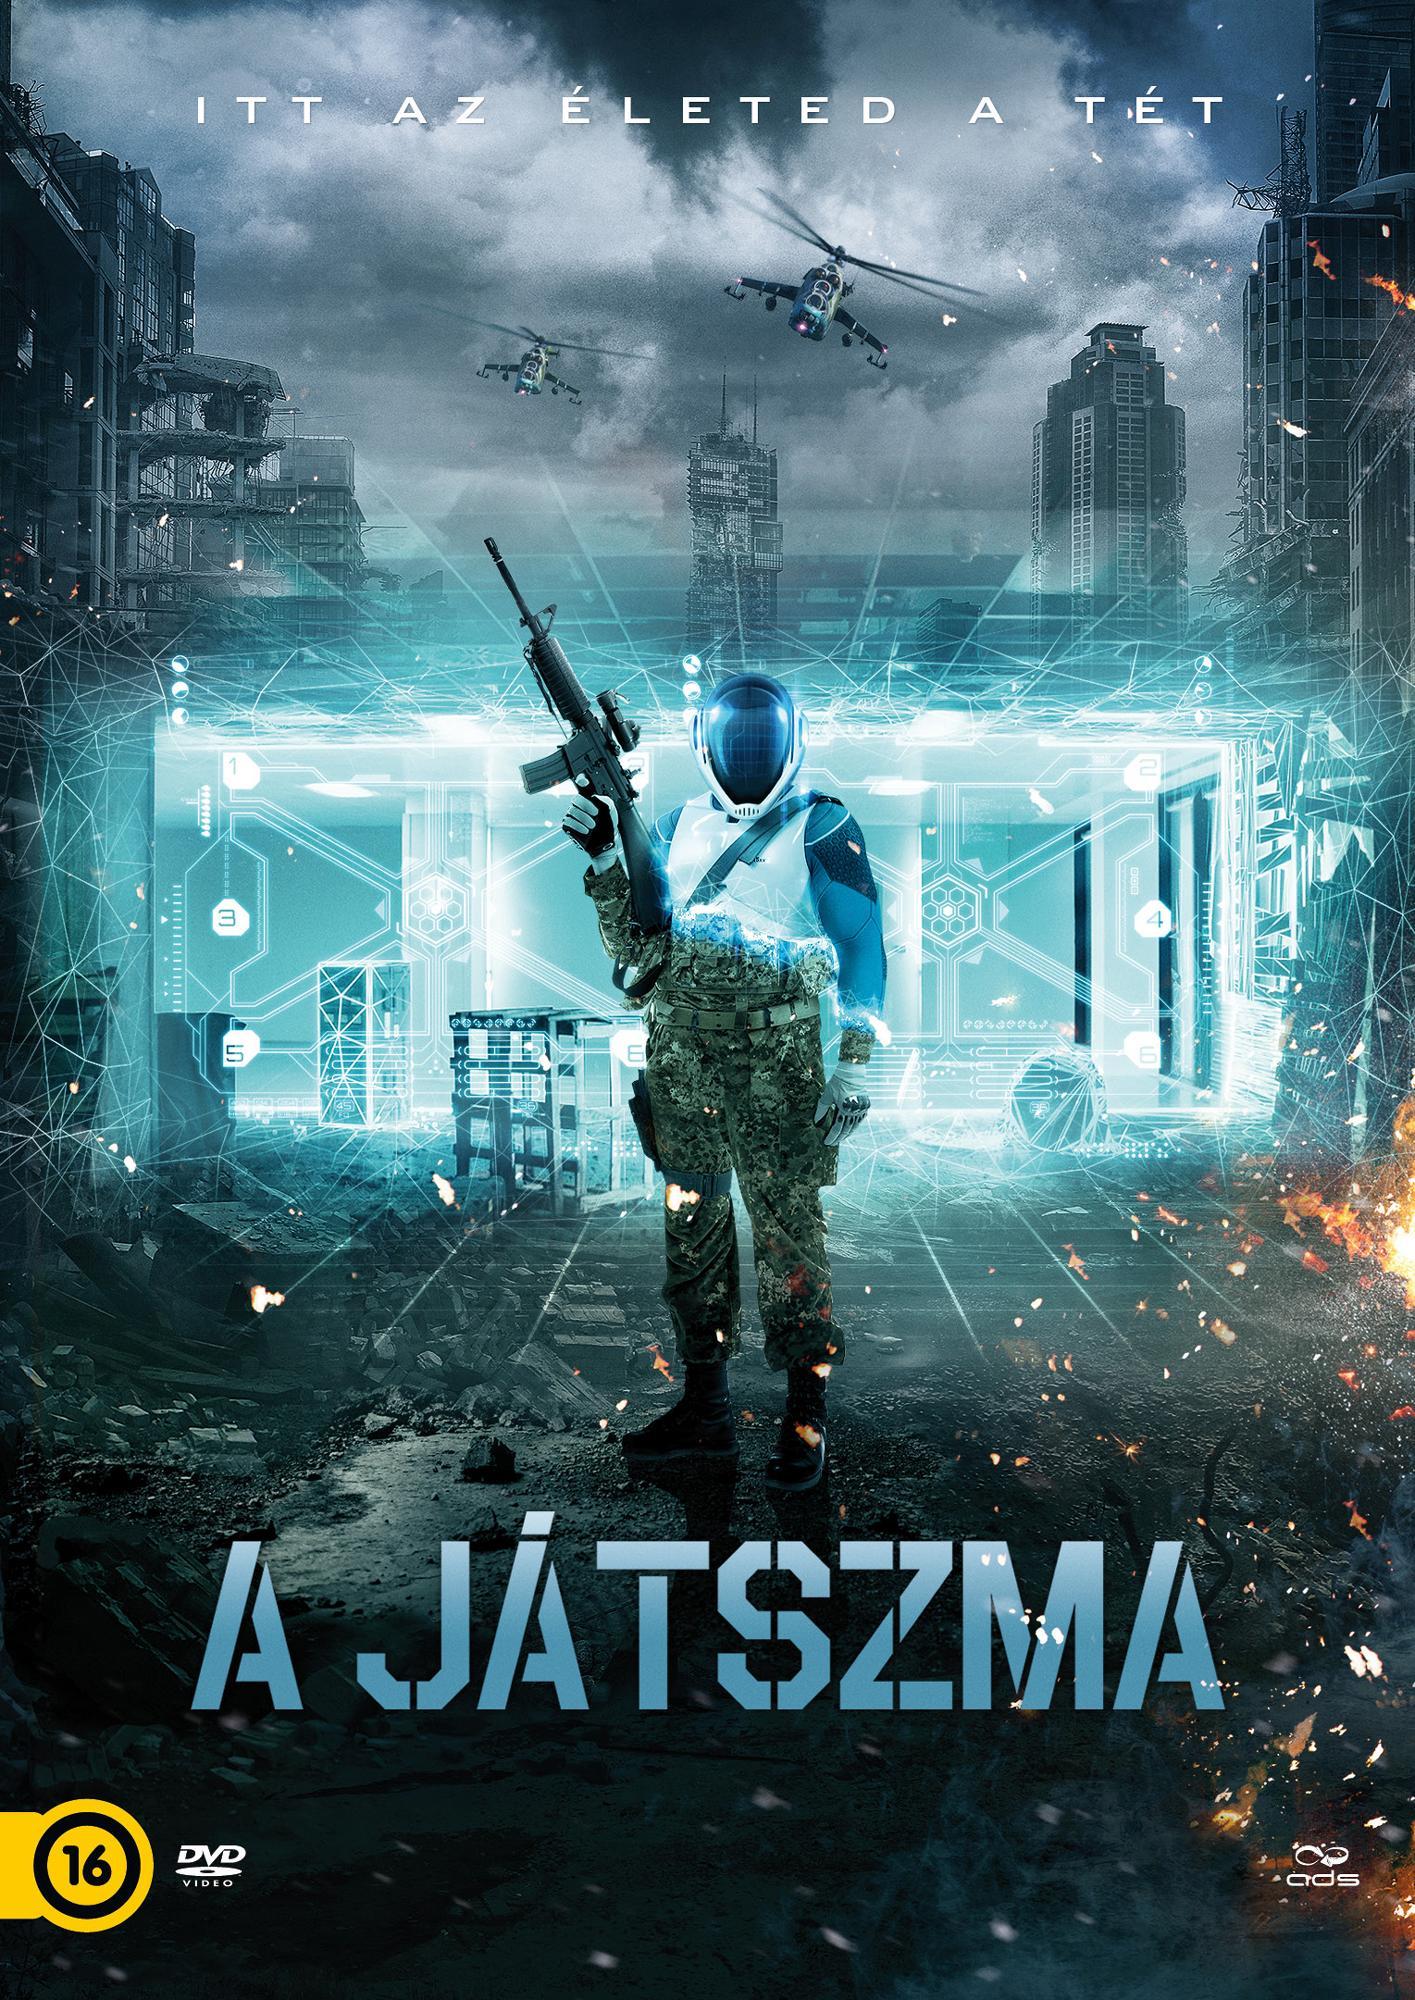 - A JÁTSZMA - DVD -